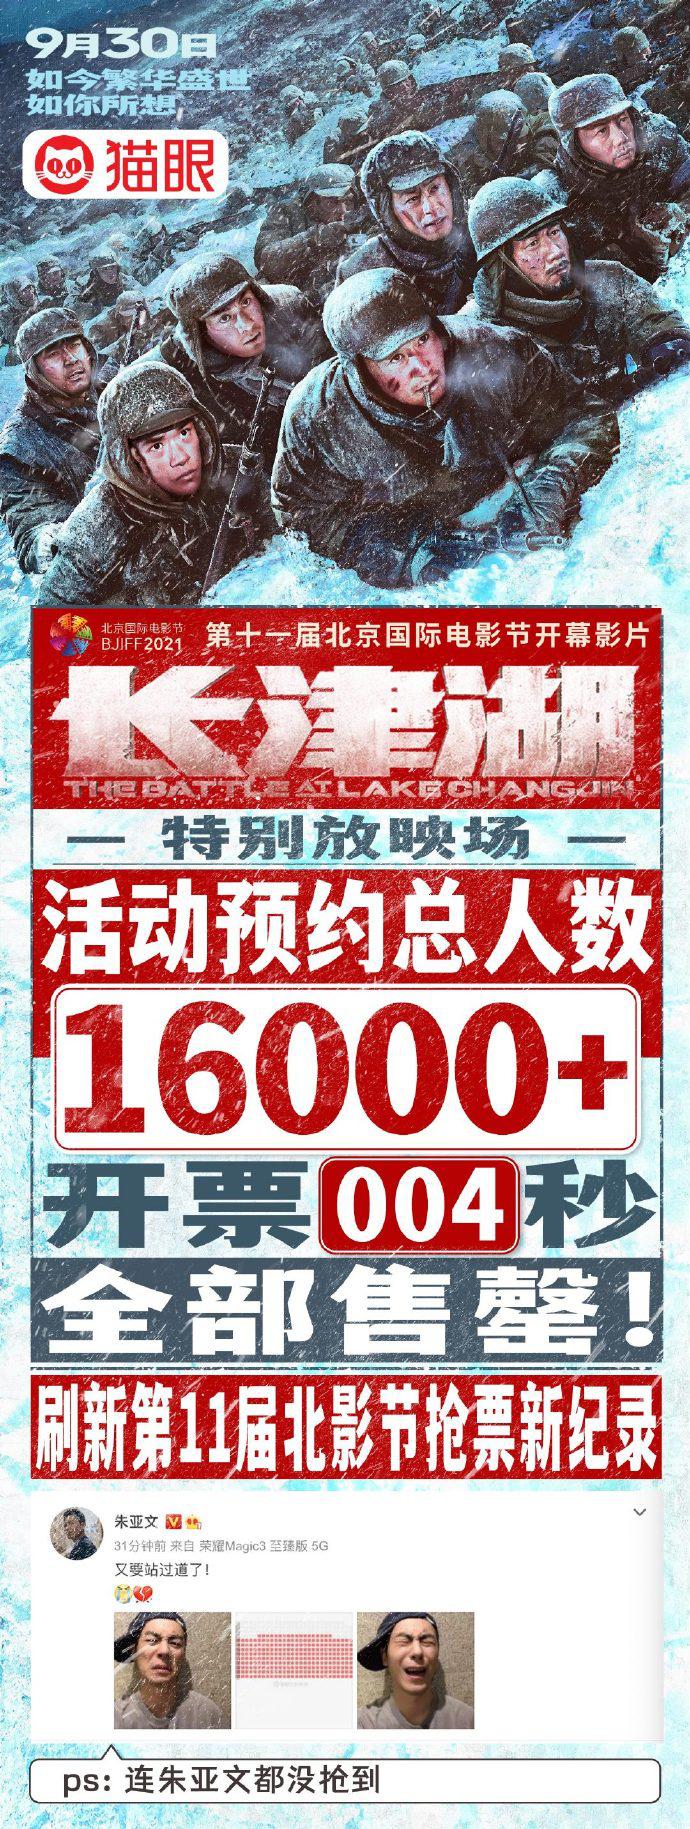 《長津湖》首場放映票秒沒 朱亞文:又要站過道了